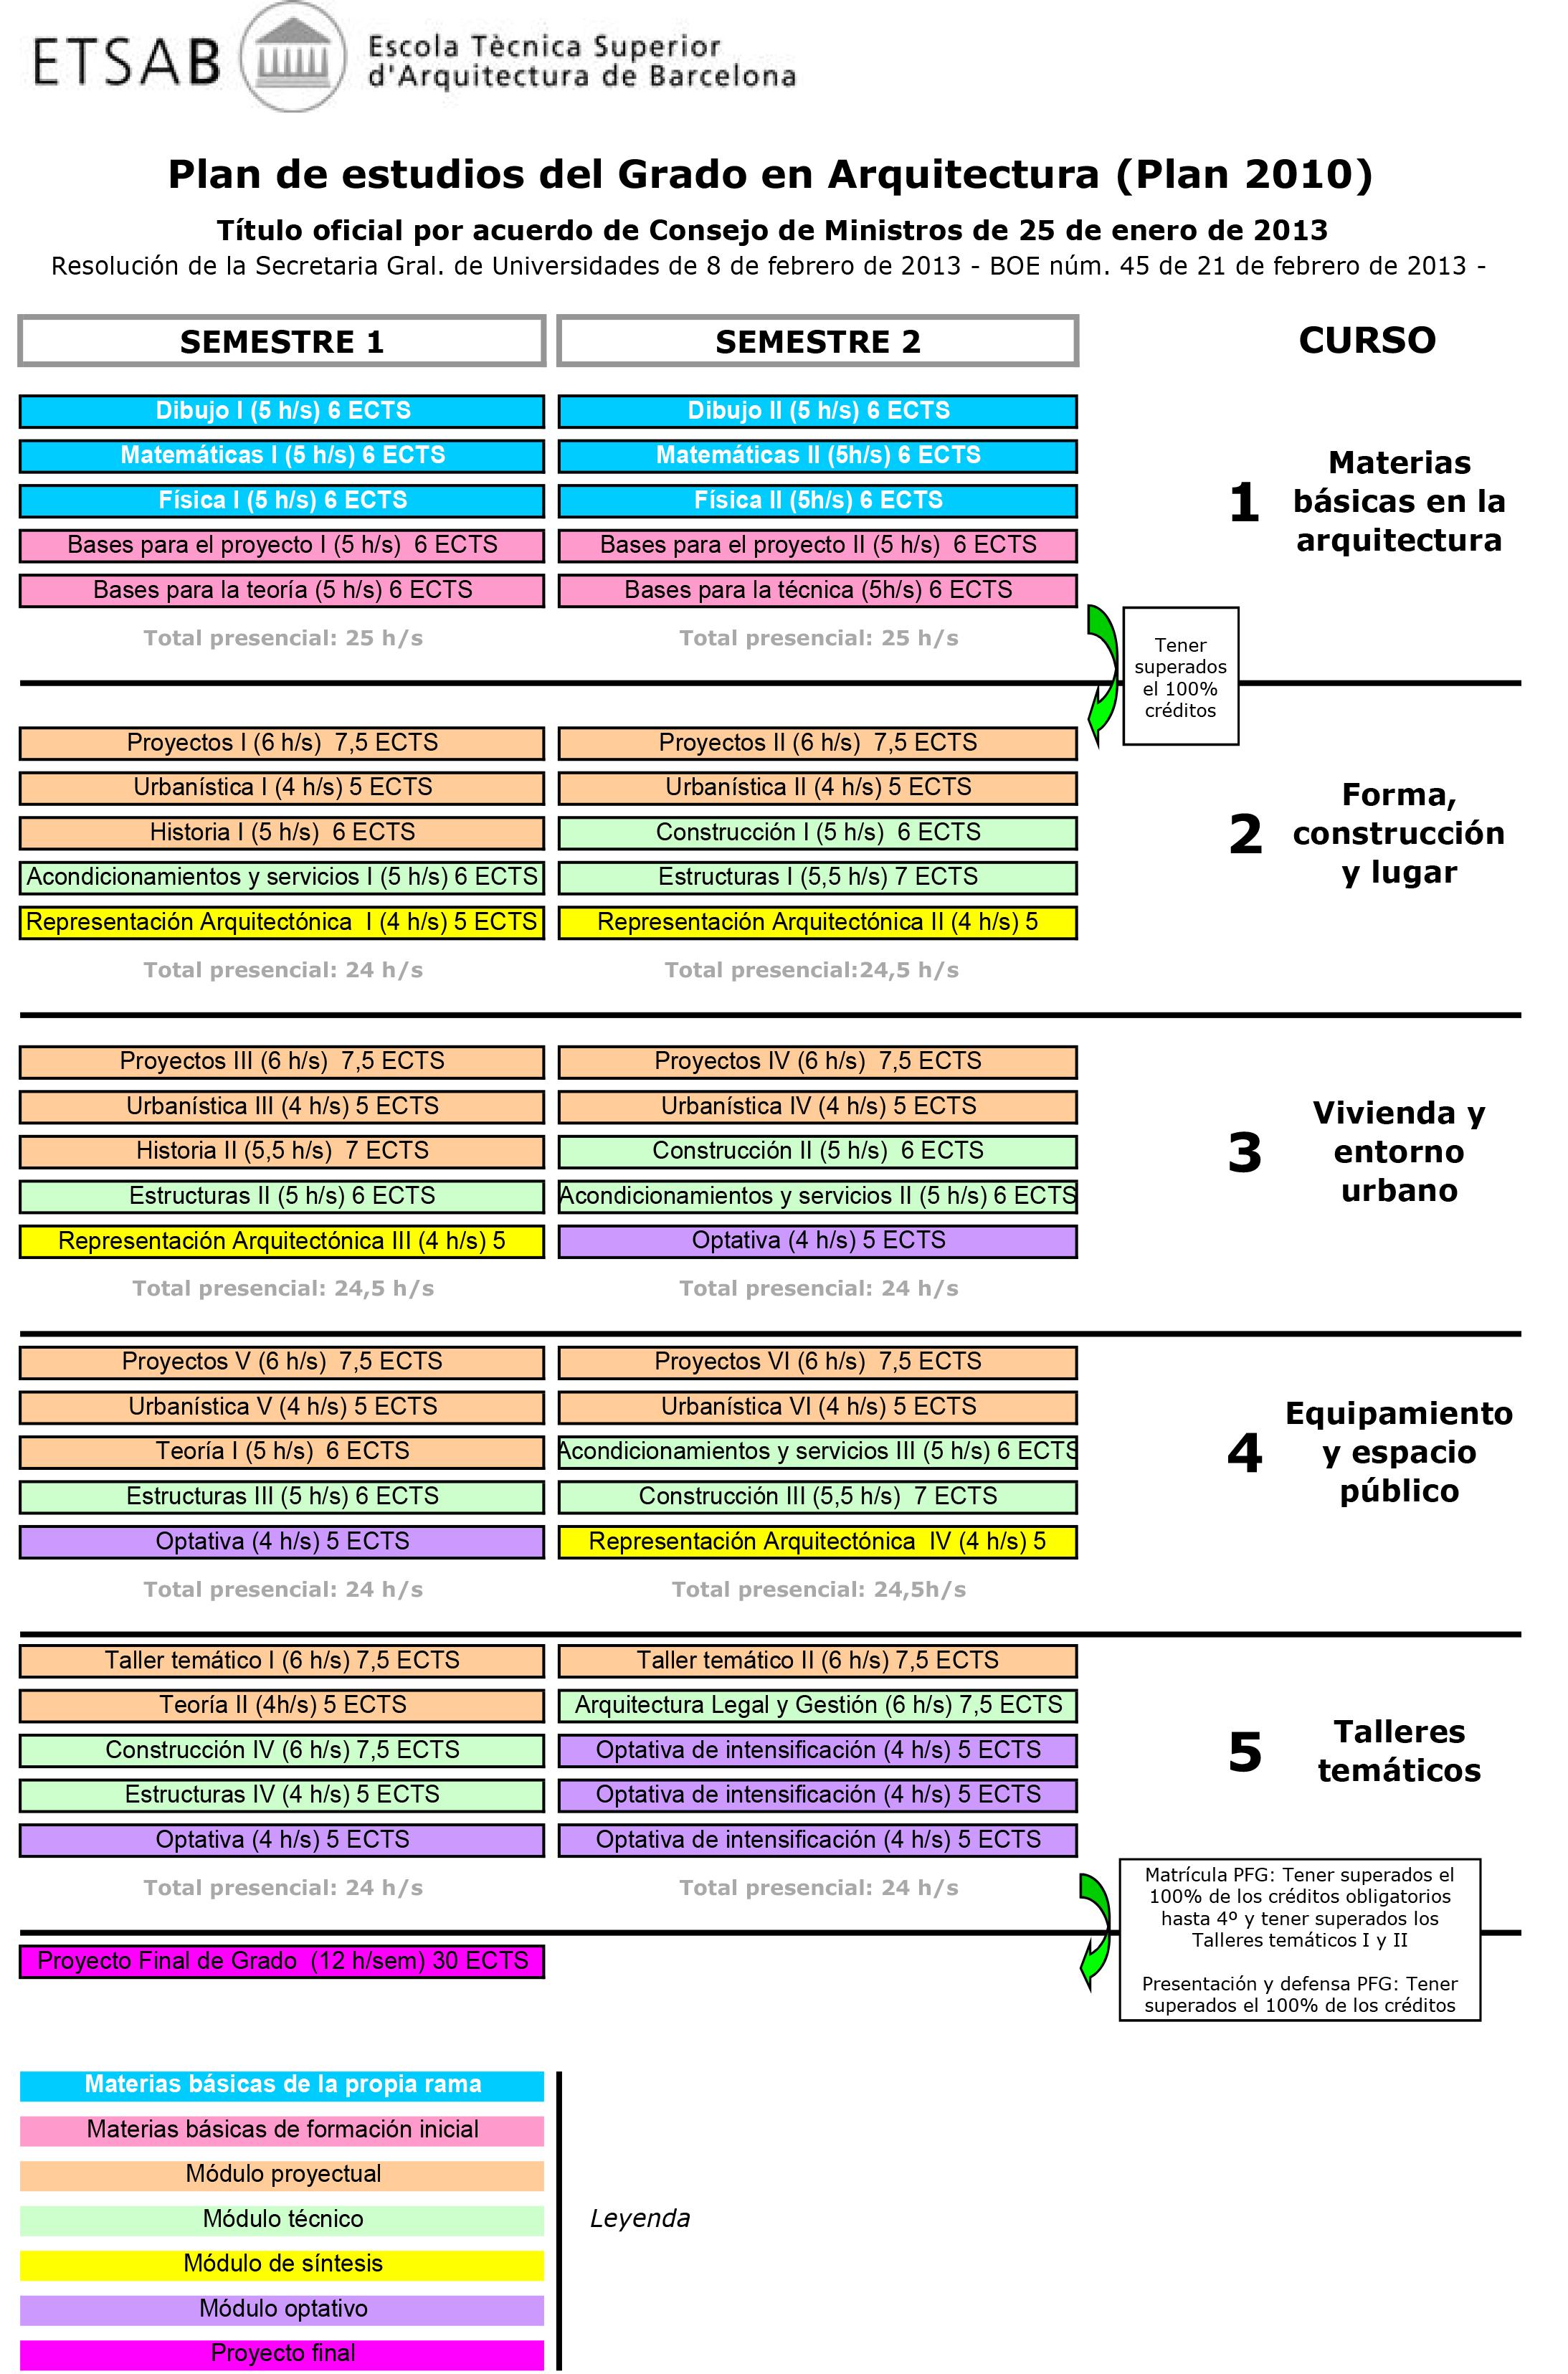 Plan de estudios etsab escuela t cnica superior de for Grado en arquitectura